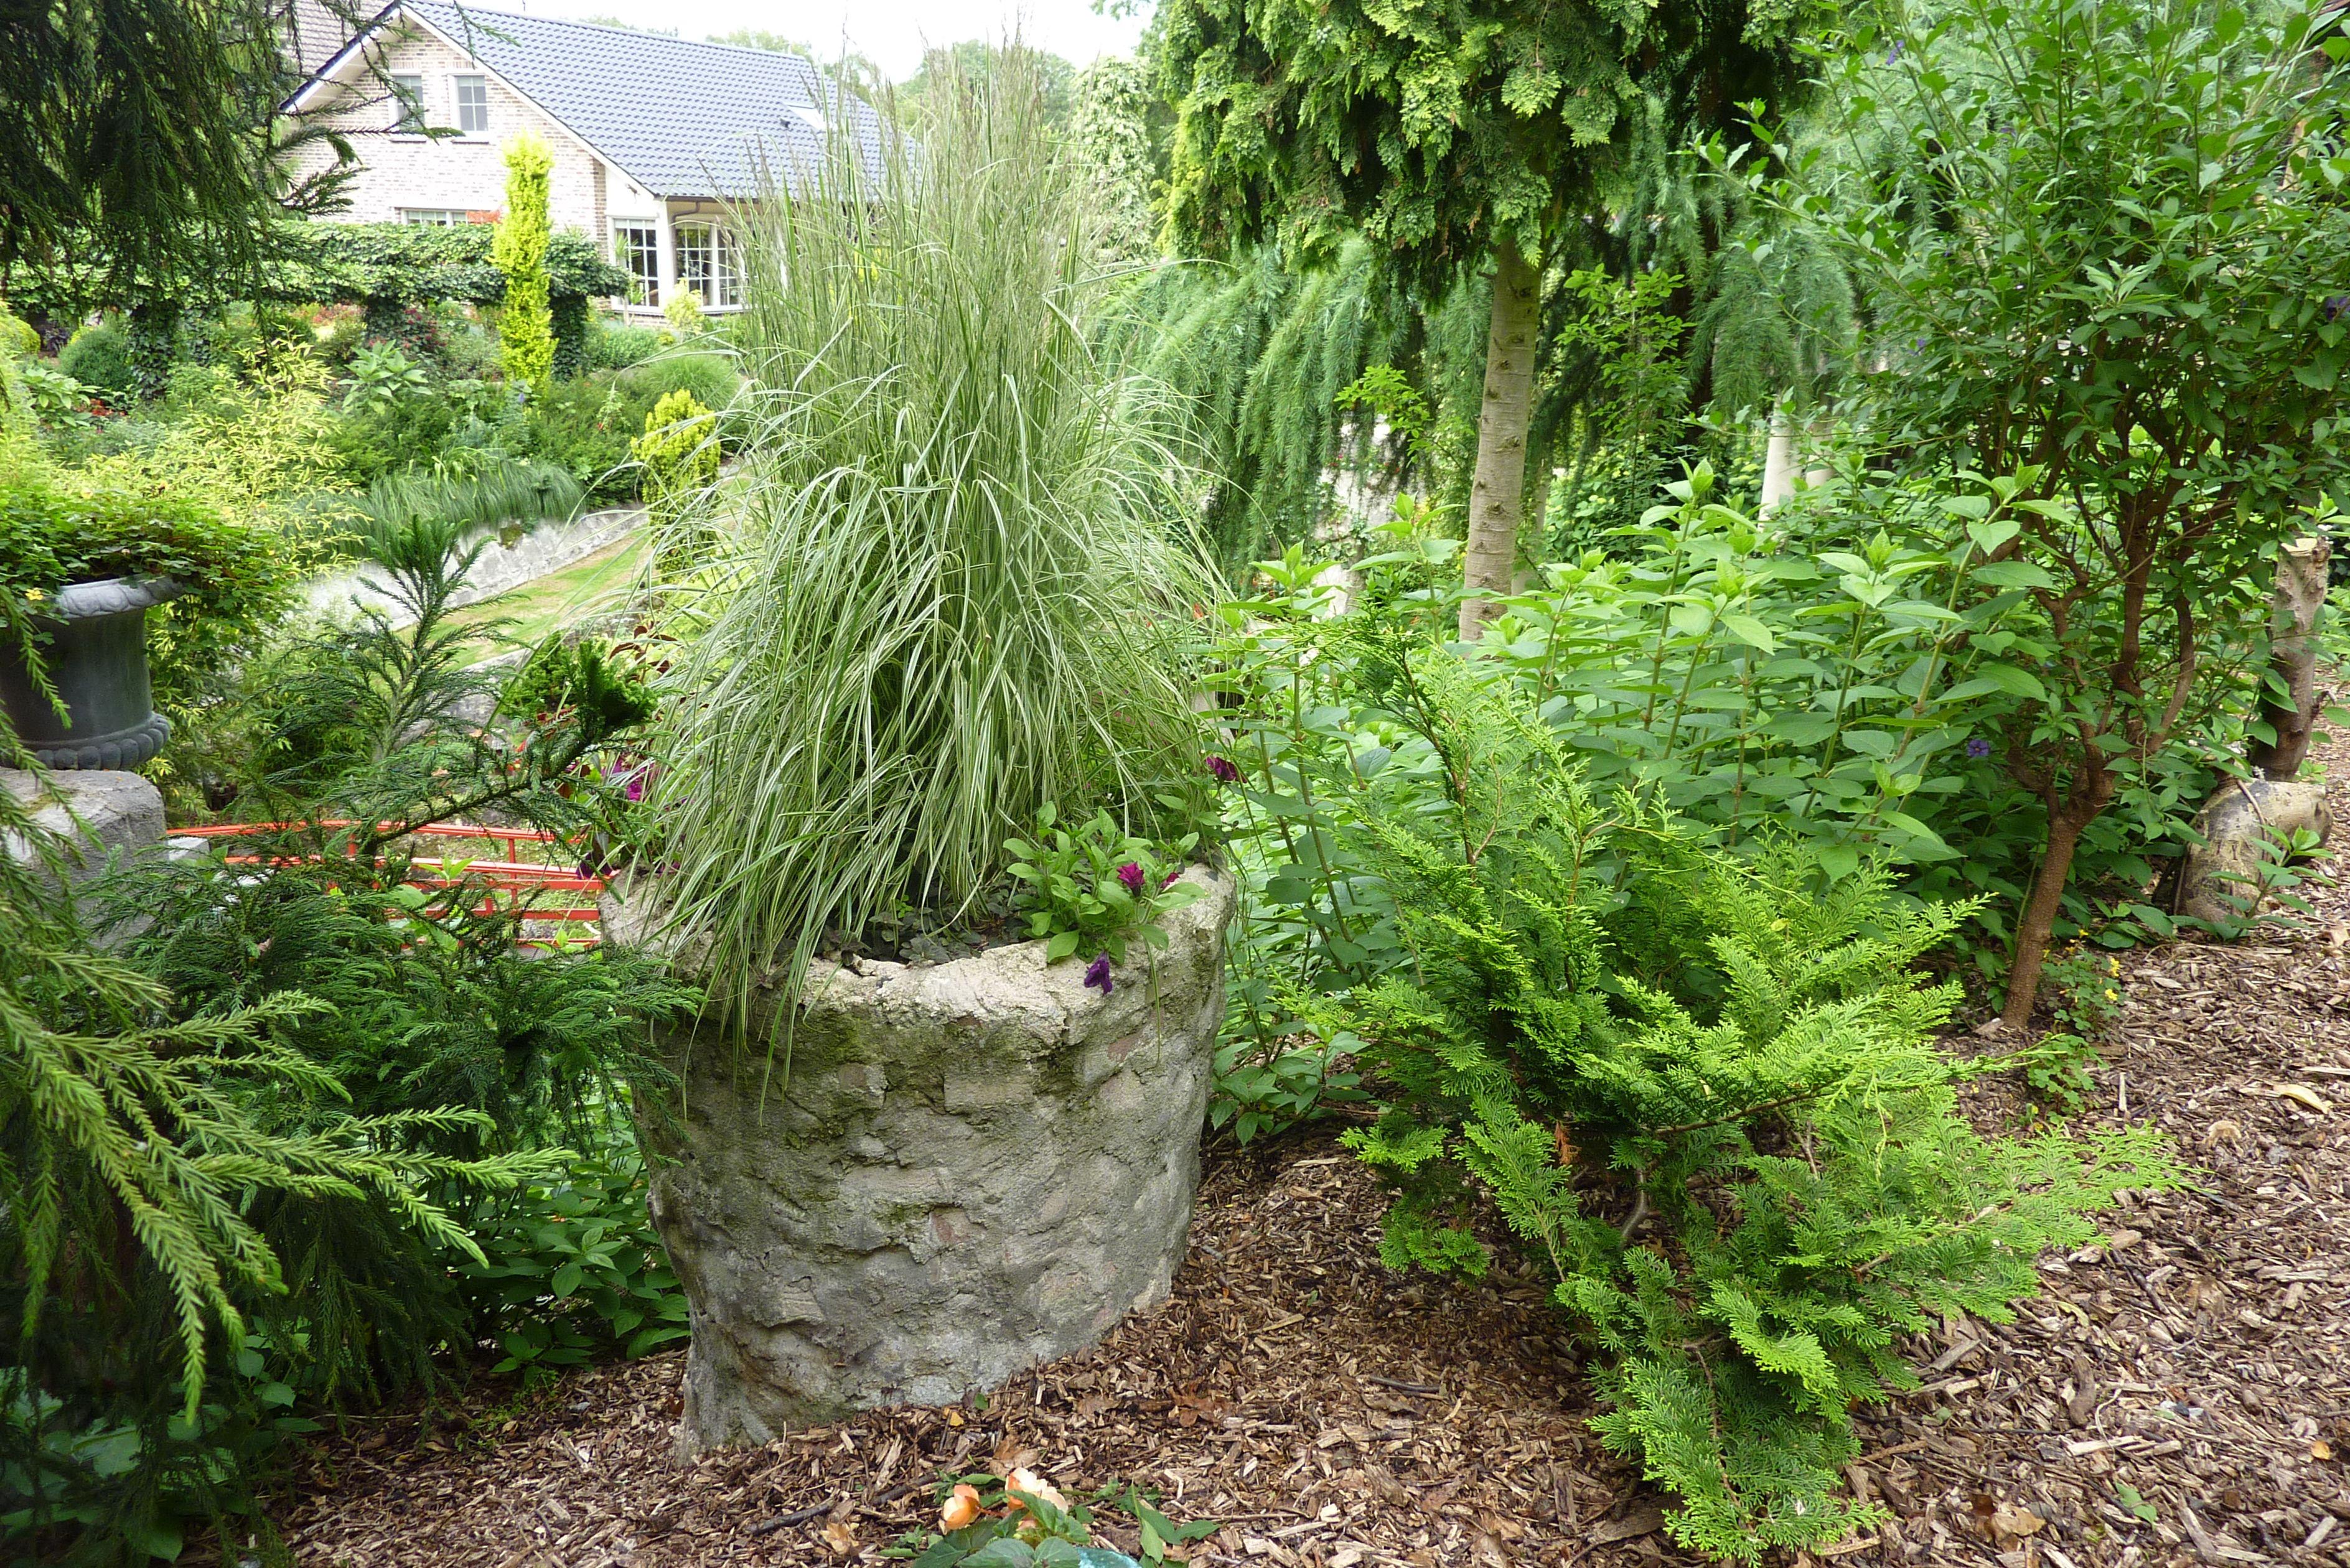 Gartenreise Holland Graser Im Kubel Stauden Gras Garten